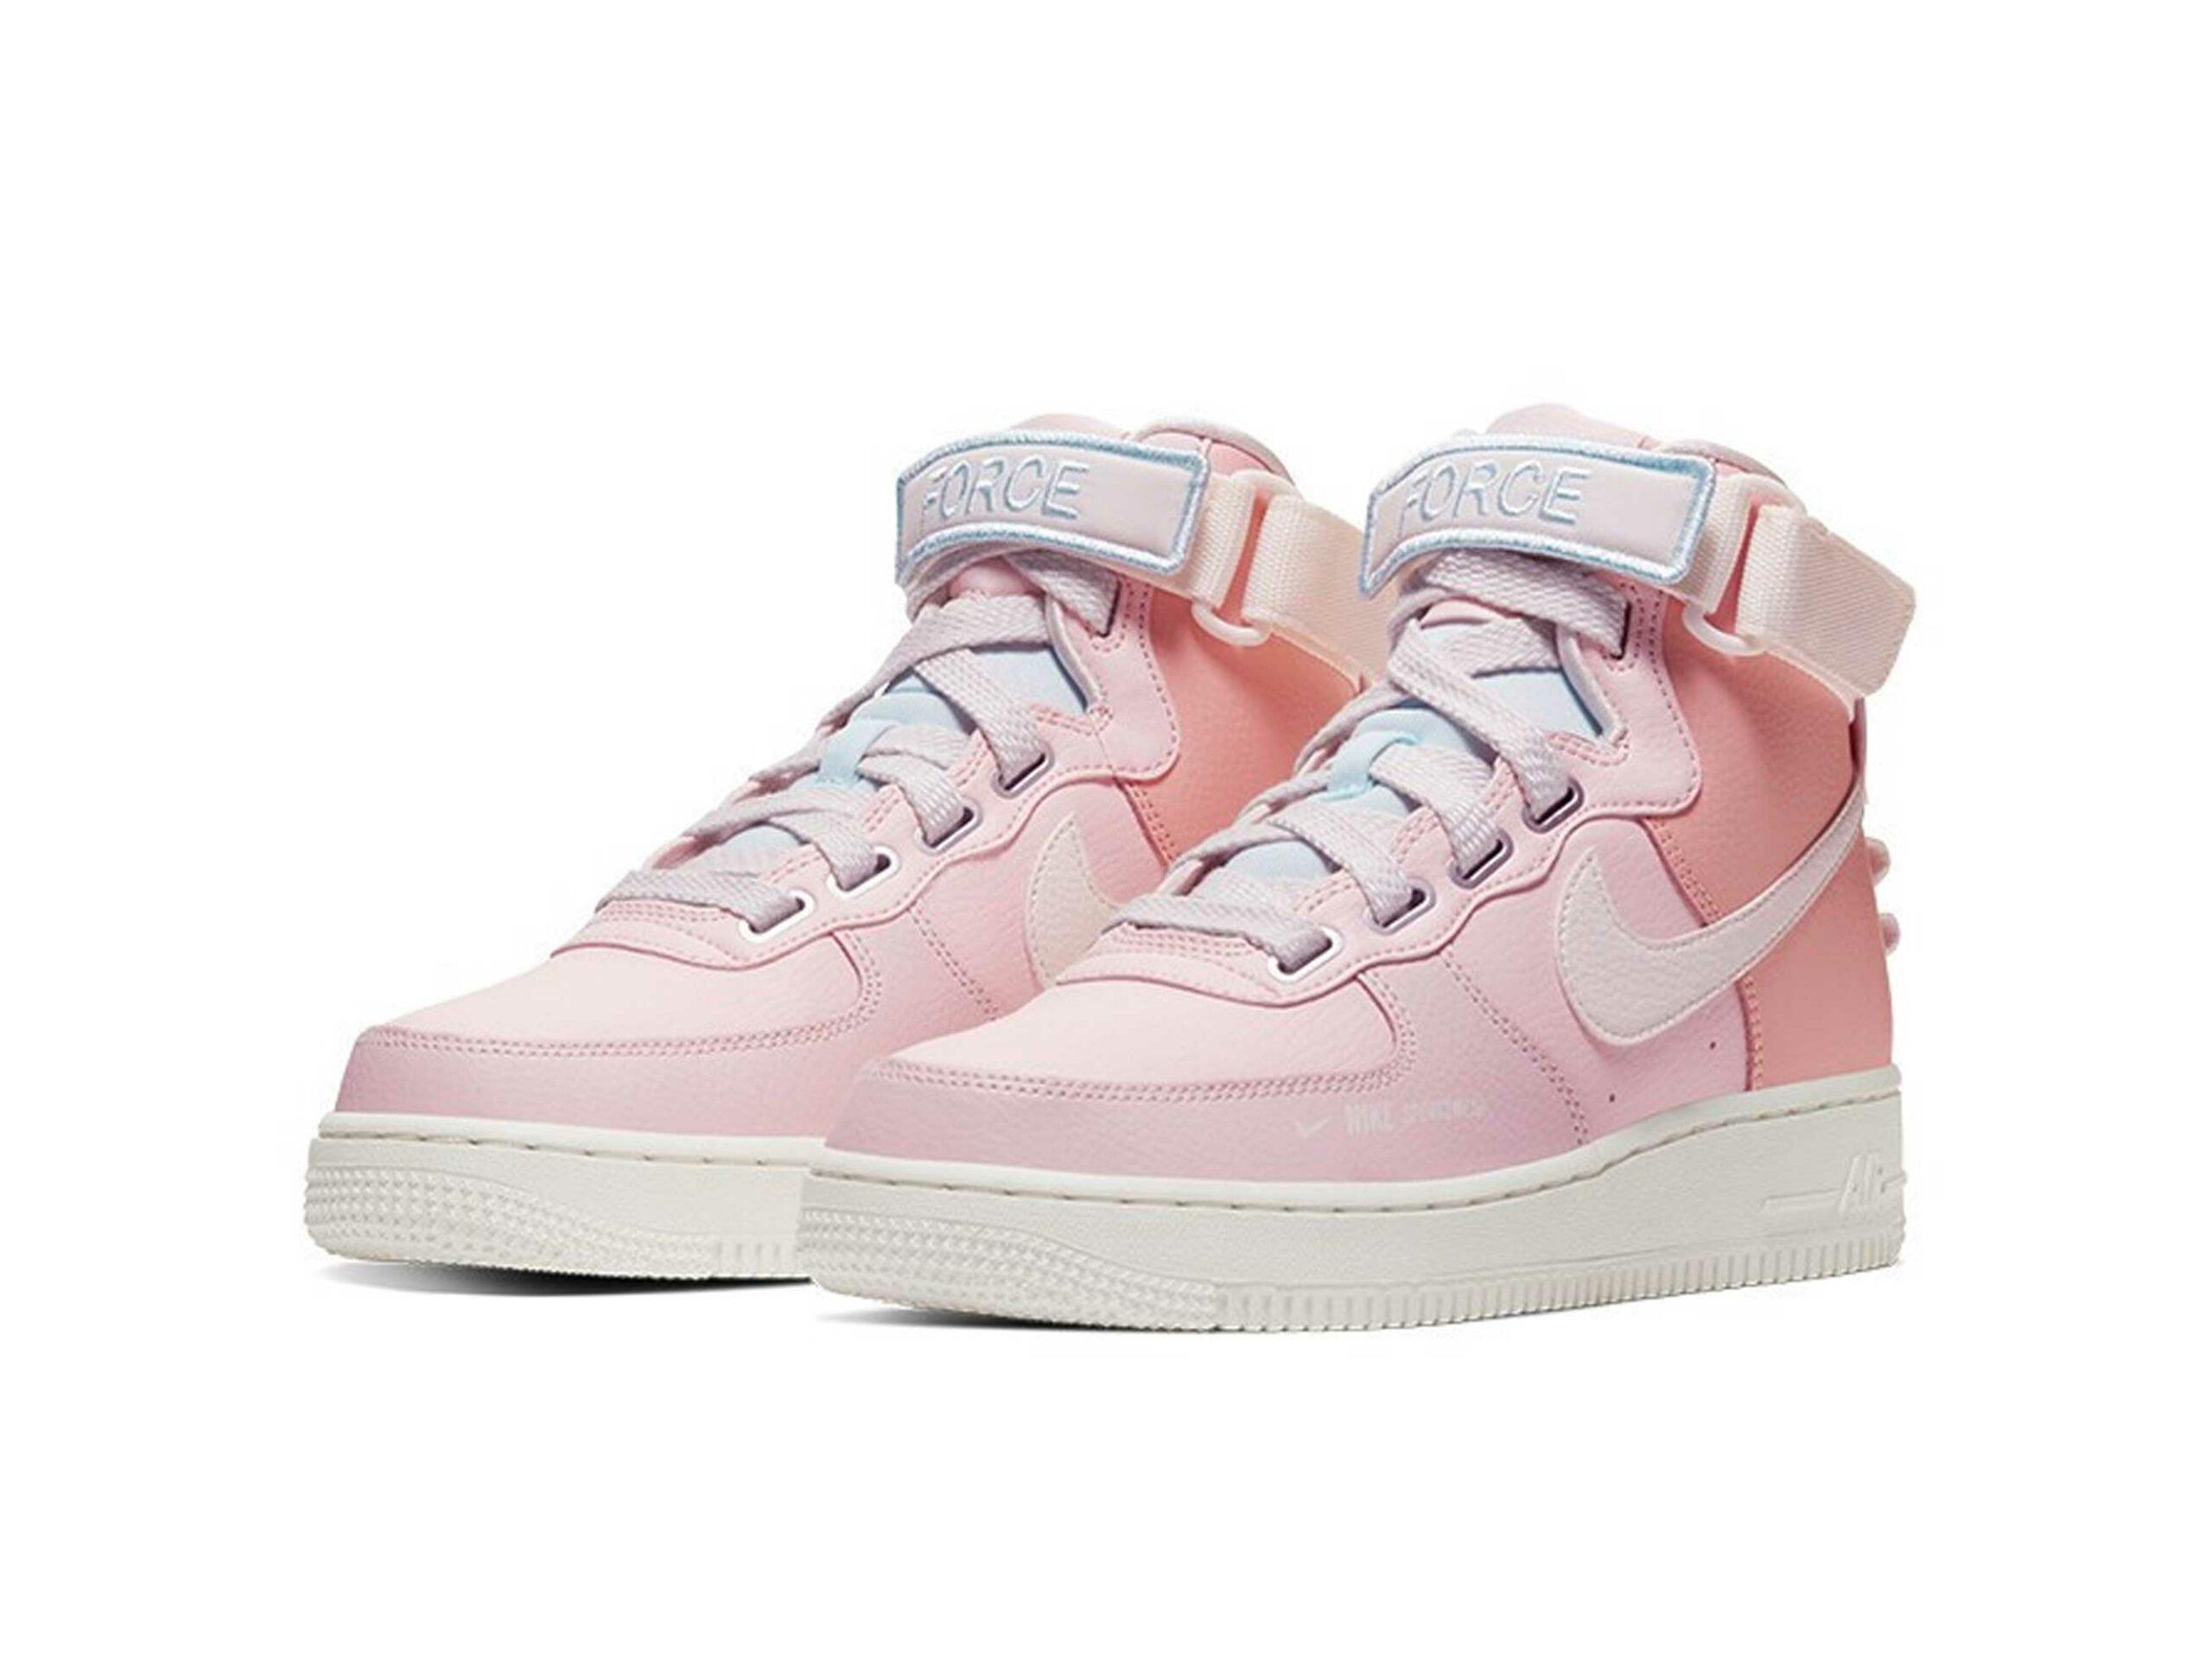 nike air force 1 high pink купить